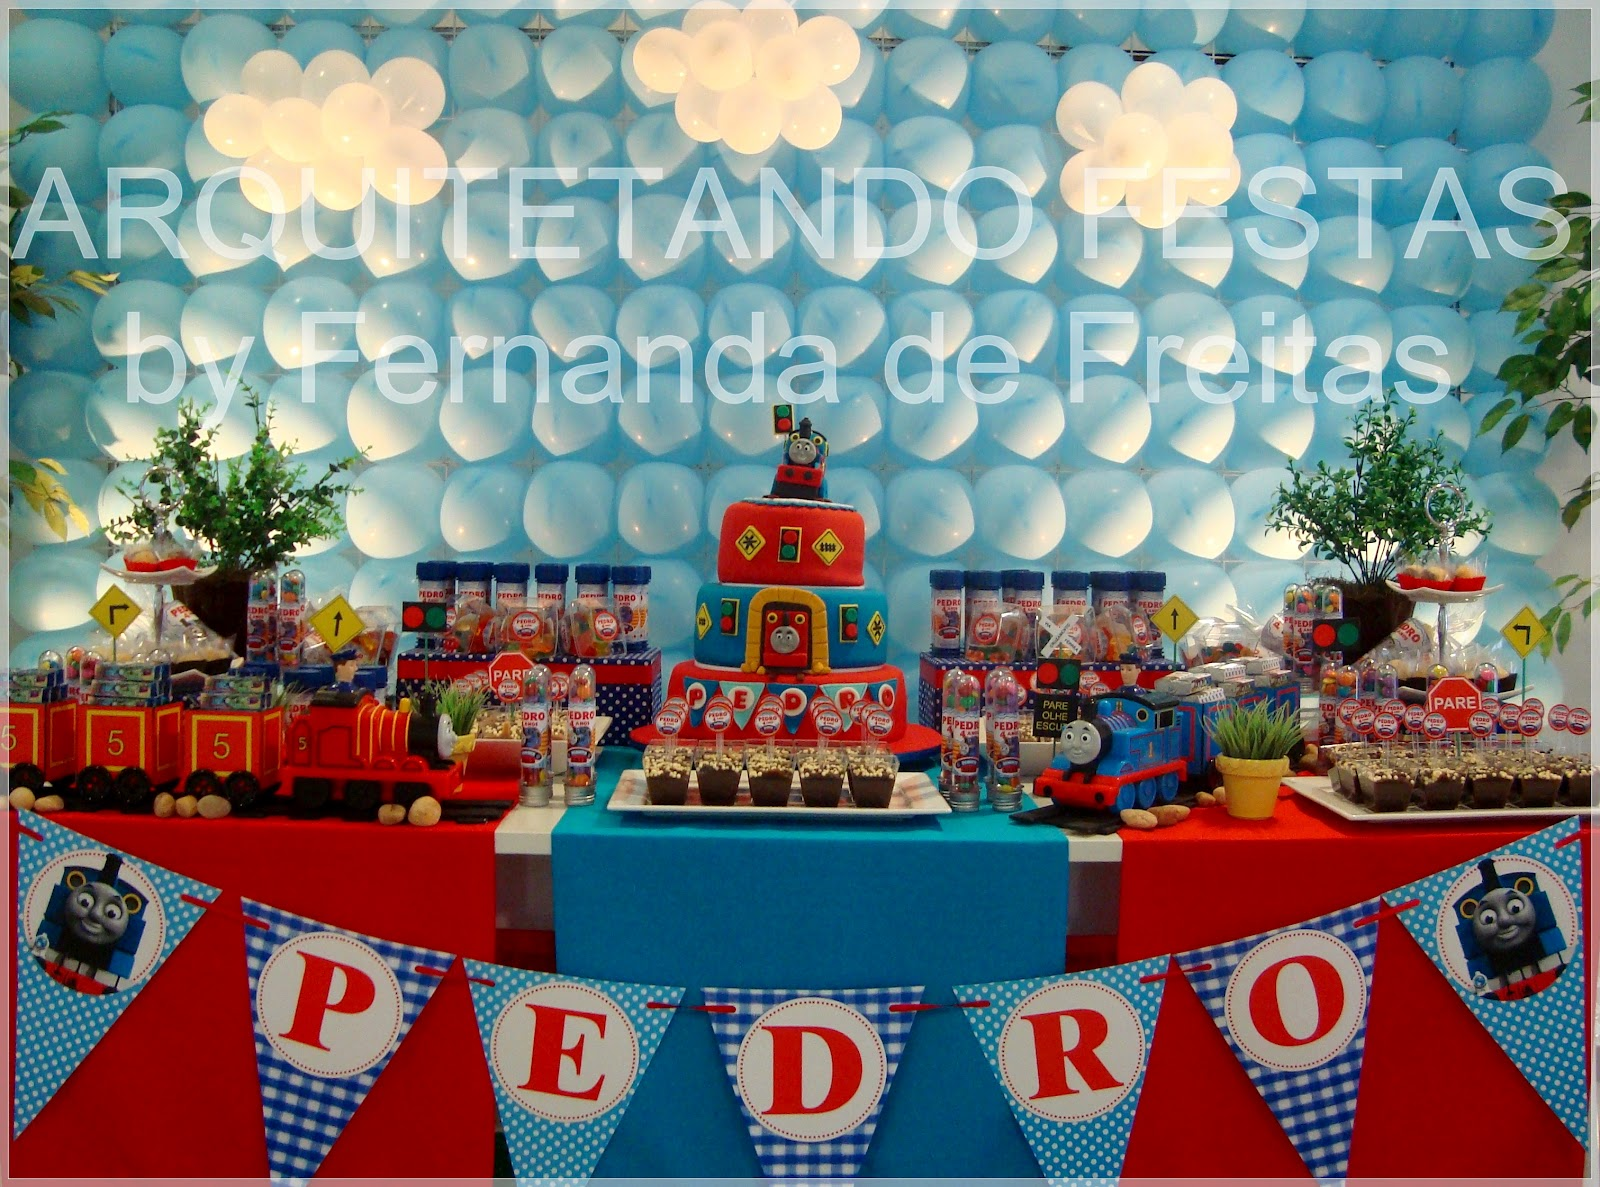 Arquitetando Festas Thomas e seus Amigos Pedro 4 anos  Mini Party